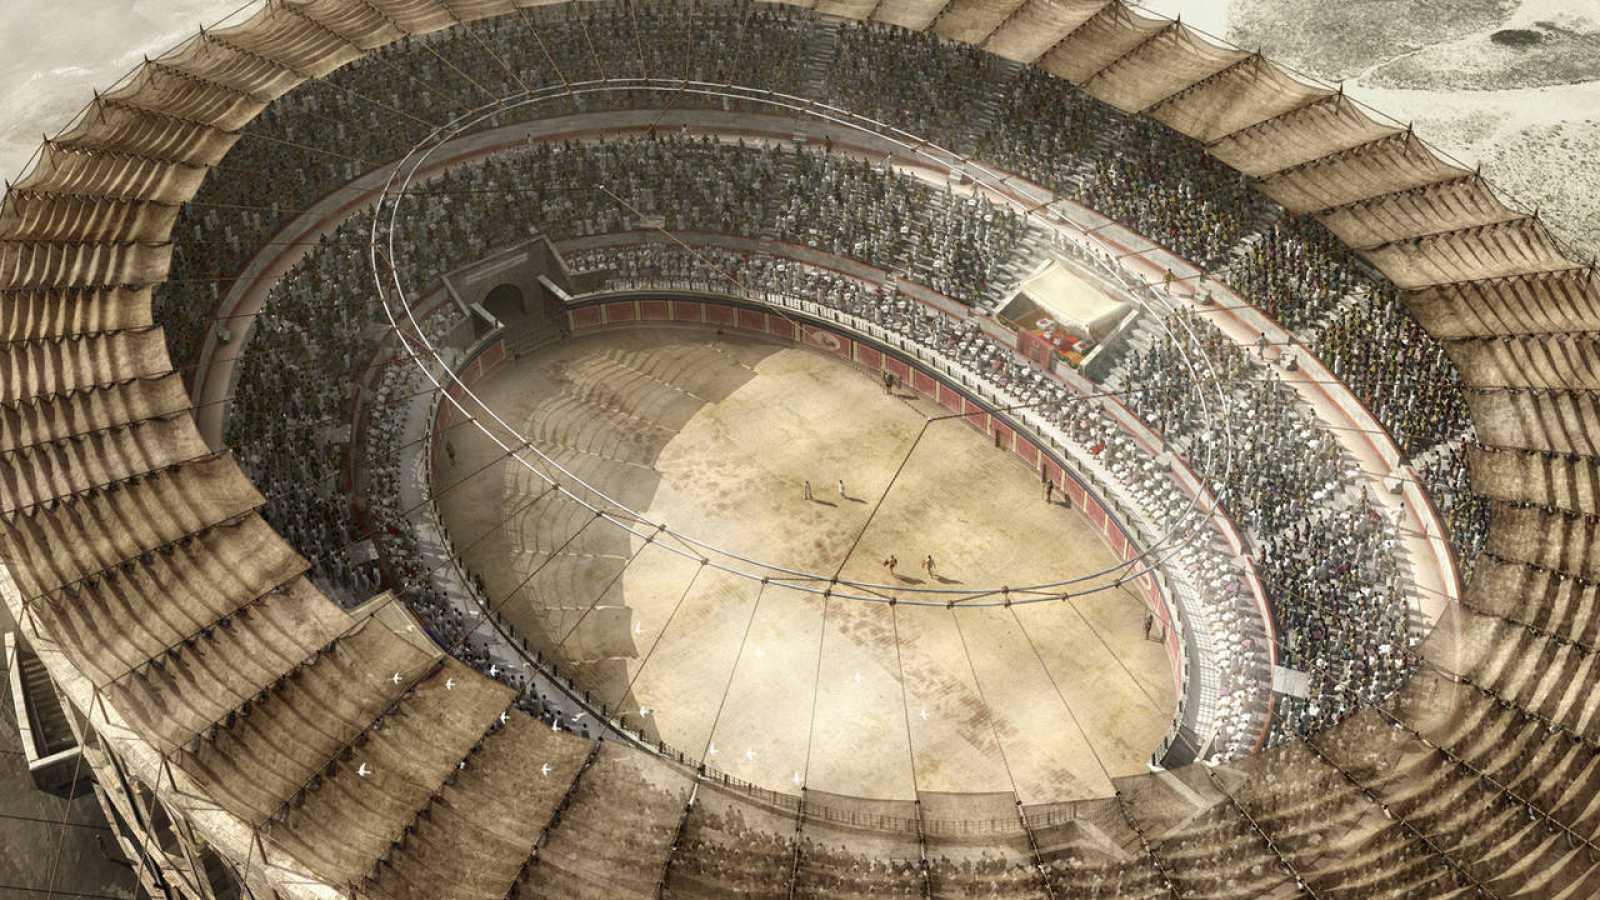 'Ingeniería Romana' mostrará en La 2 las colosales construcciones romanas